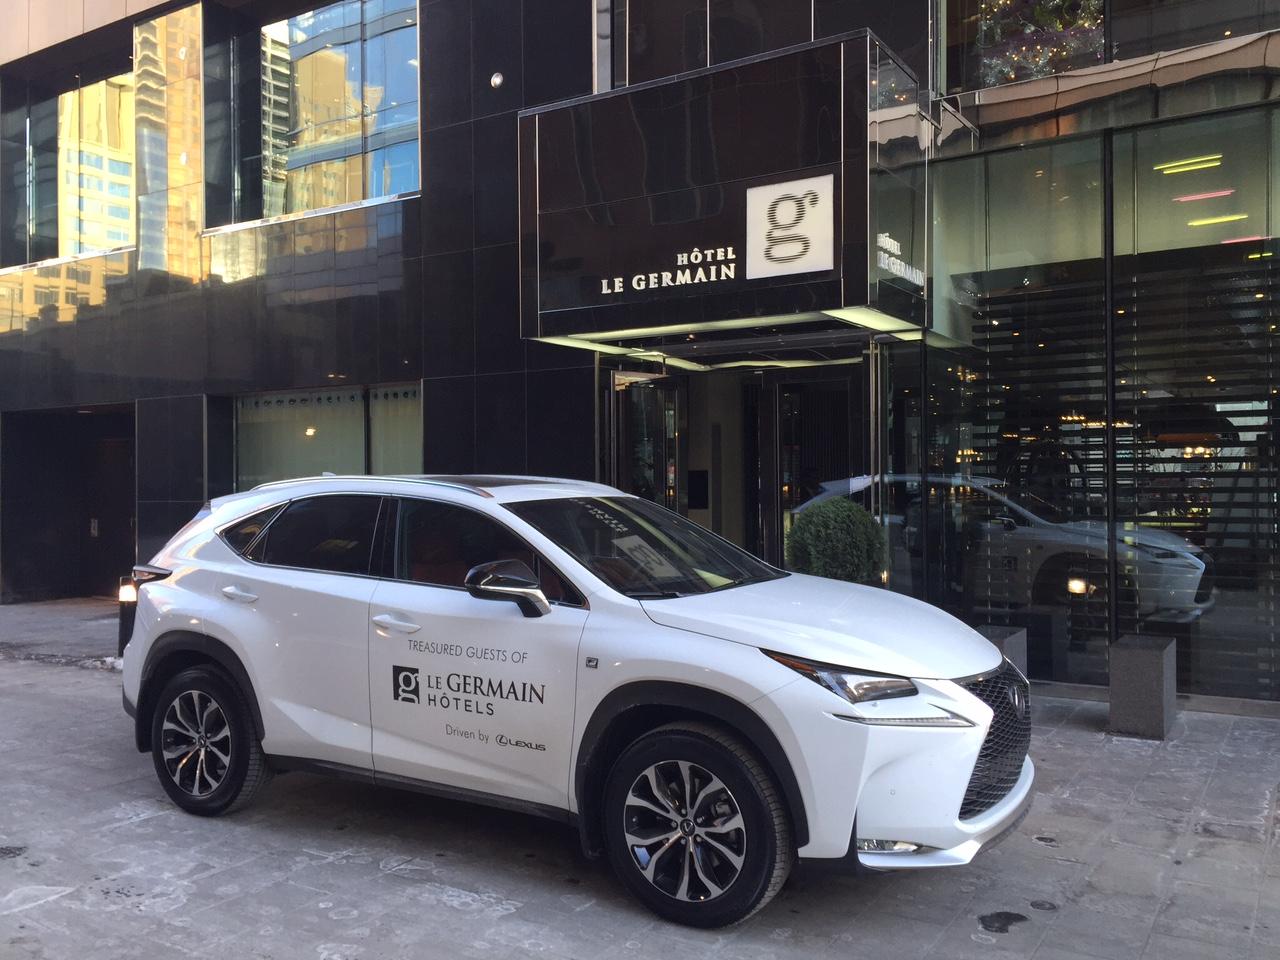 Les invités de Hôtels Le Germain sont désormais propulsés par Lexus. dans Actualité Hôtels